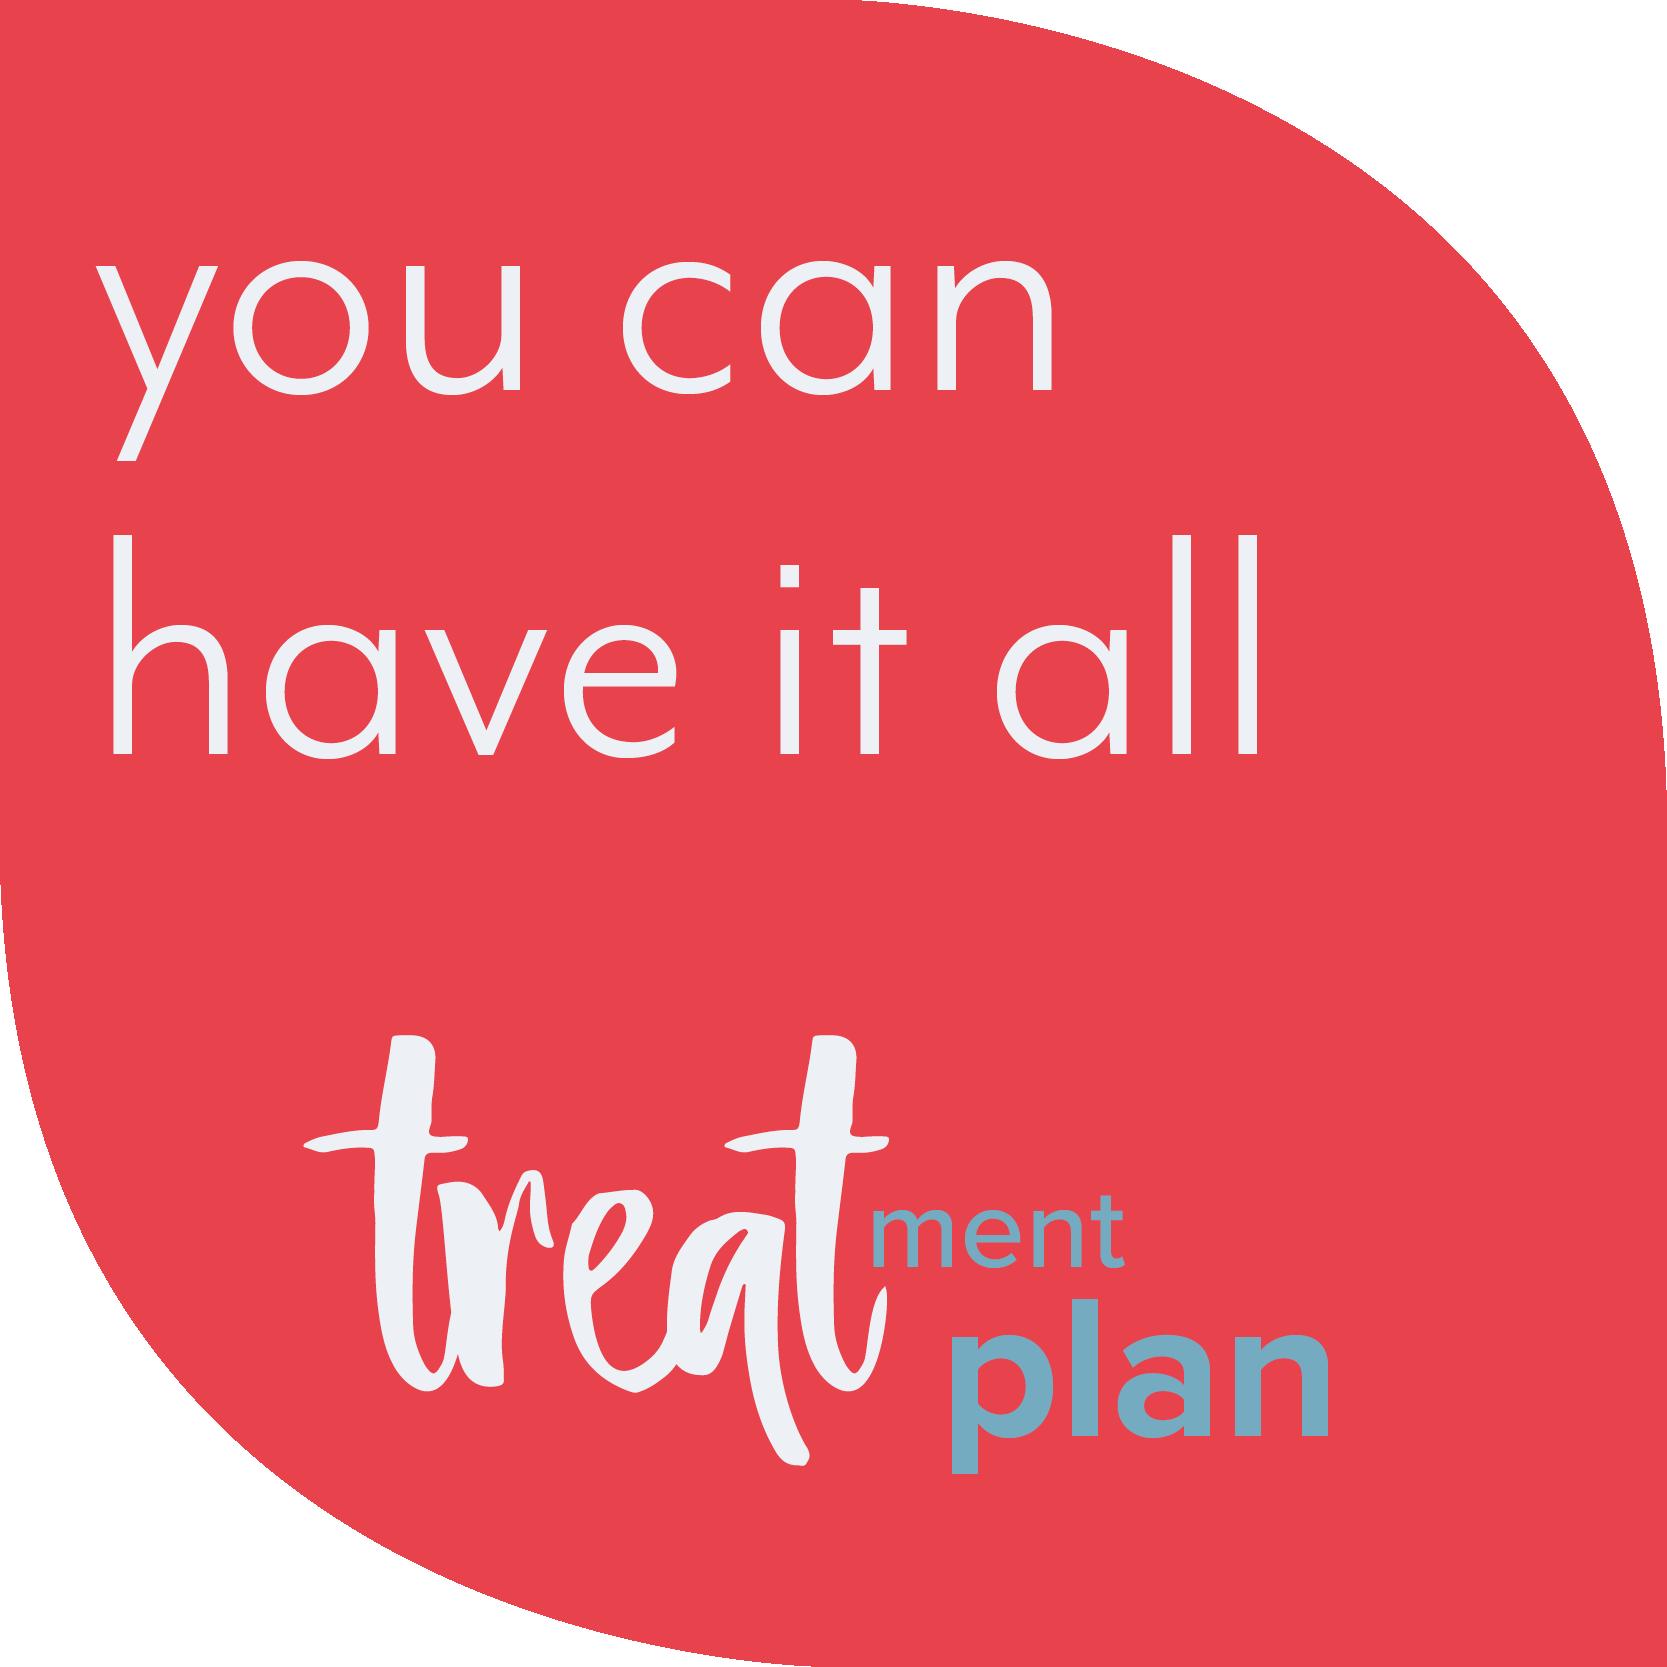 treatmentplan_image.png